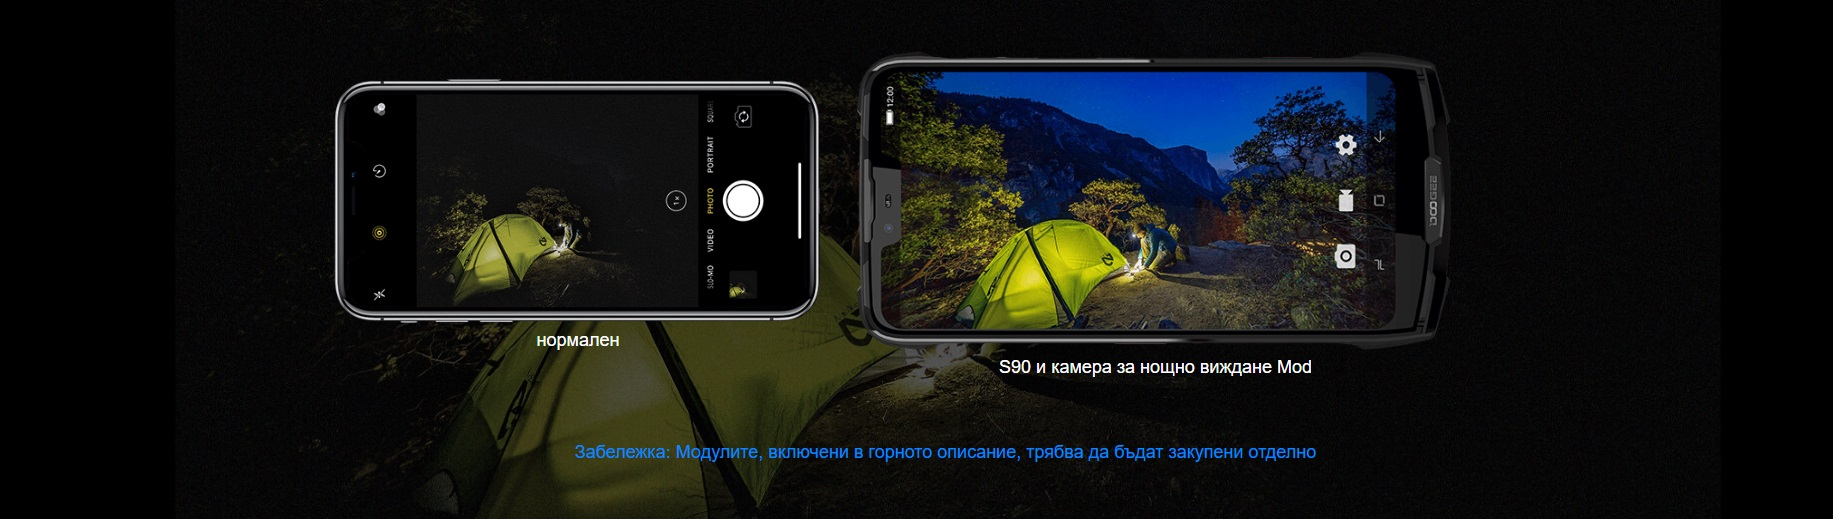 s90-doogee-modulen-telefon-8.jpg